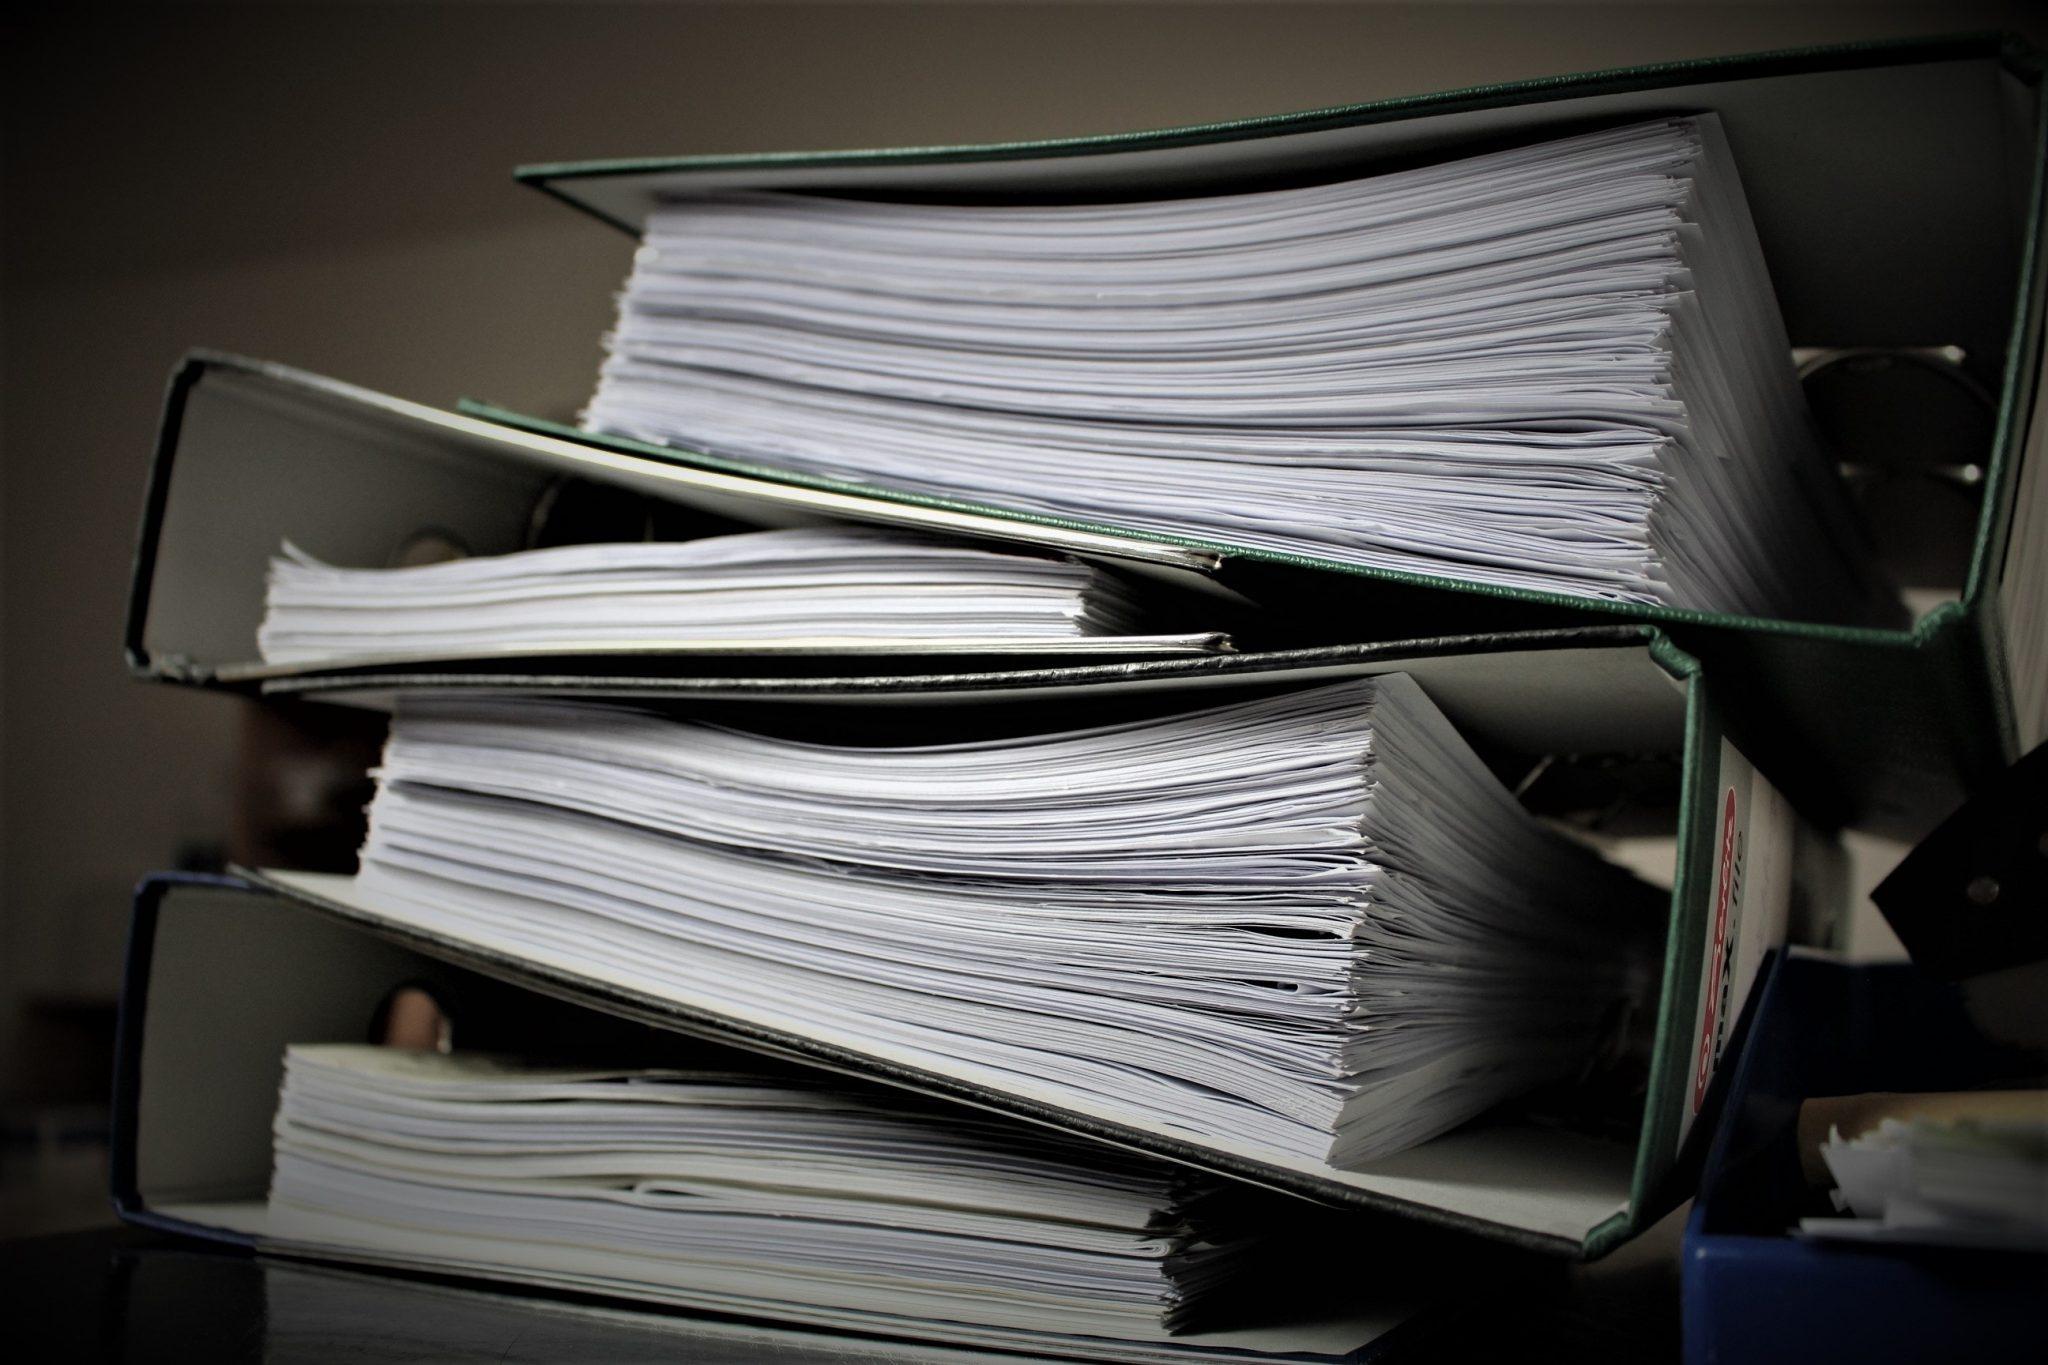 Diário de Bordo: questões jurídicas